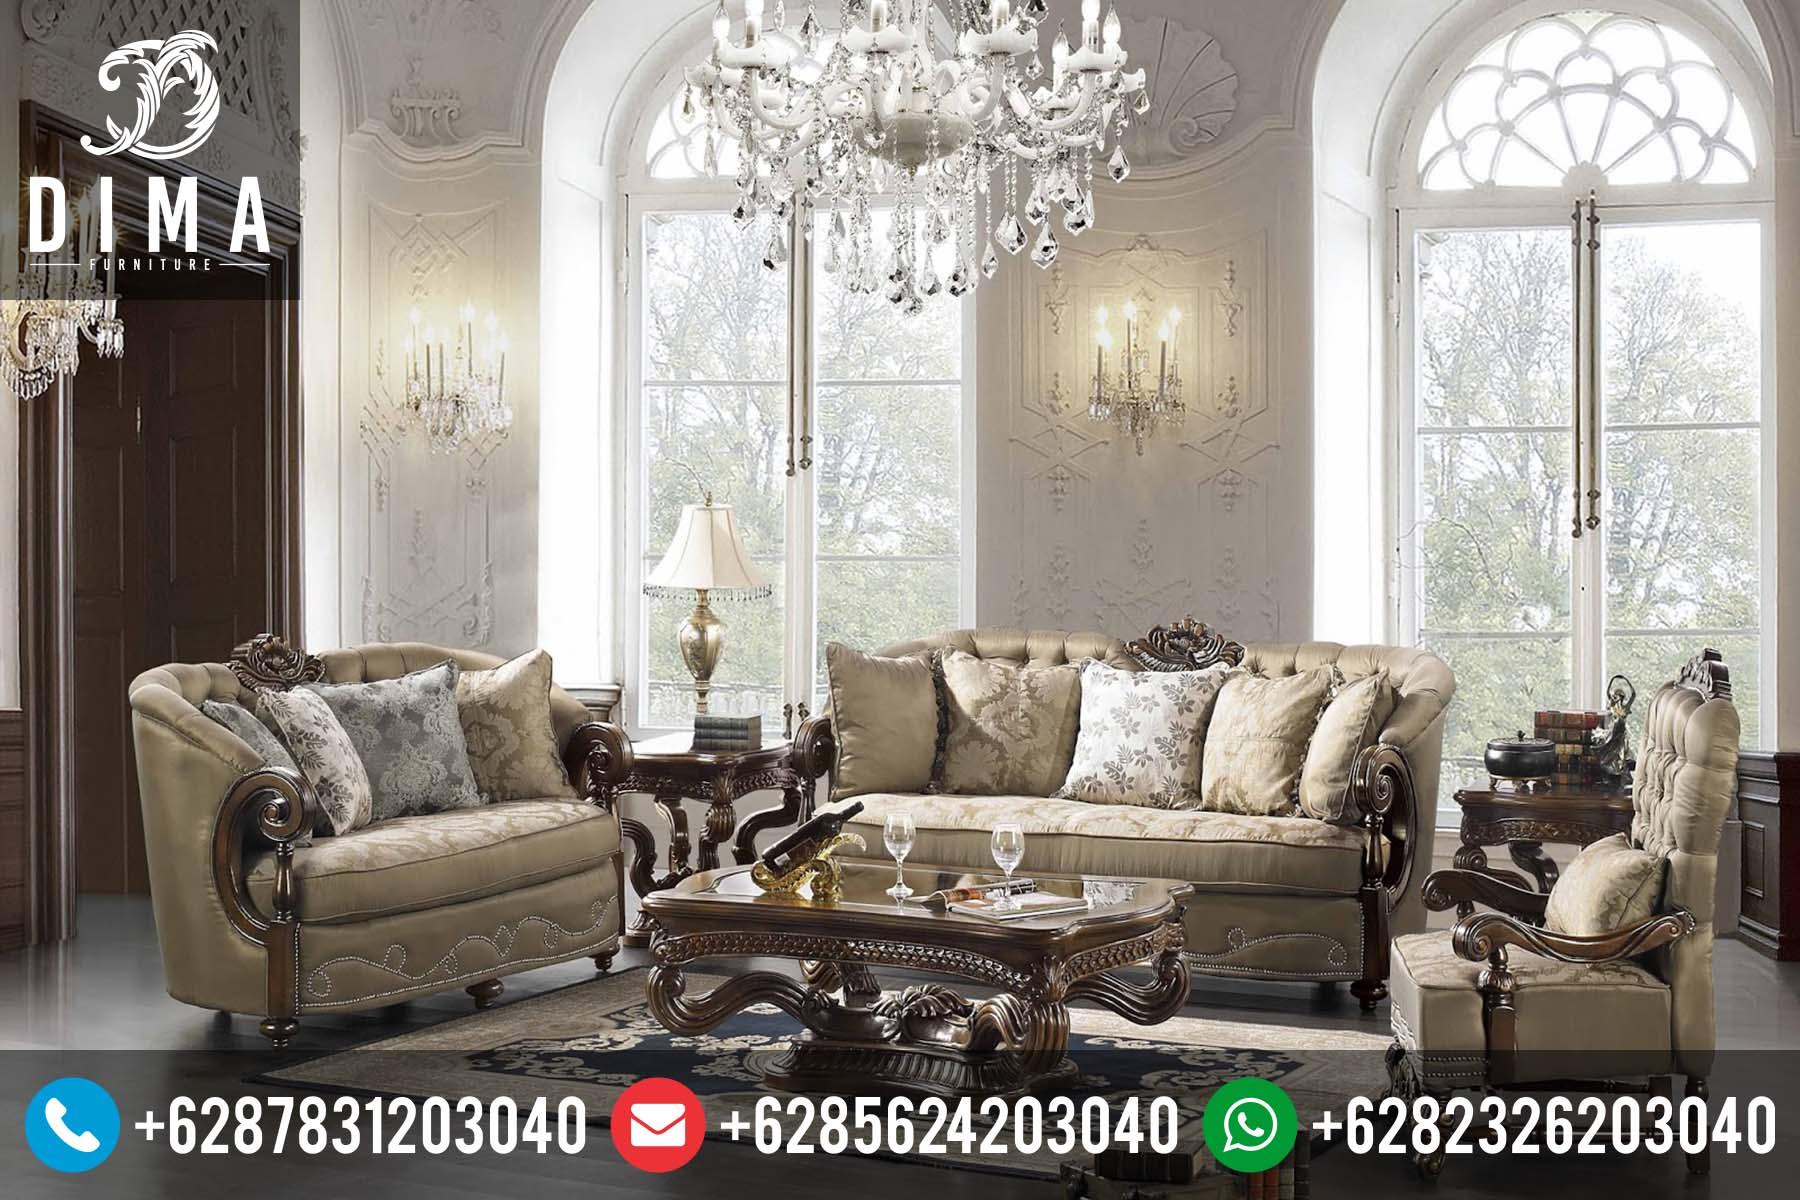 Sofa Tamu Minimalis Klasik Terbaru Ukir Jepara Natural ST-0083